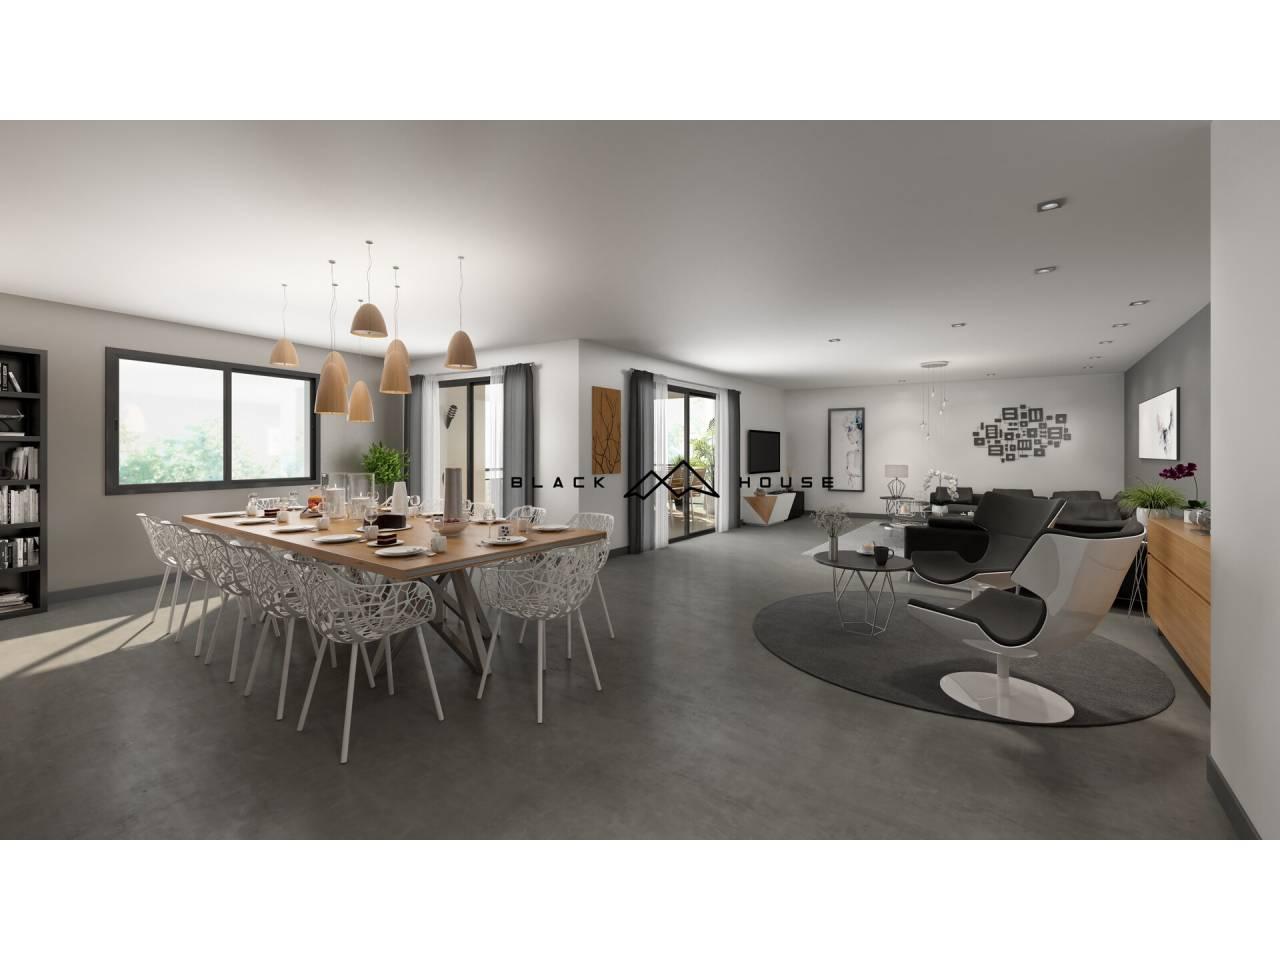 Fabulosa promoción de obra nueva de lujo, situada en zona residencial de Escaldes muy tranquila y soleada.